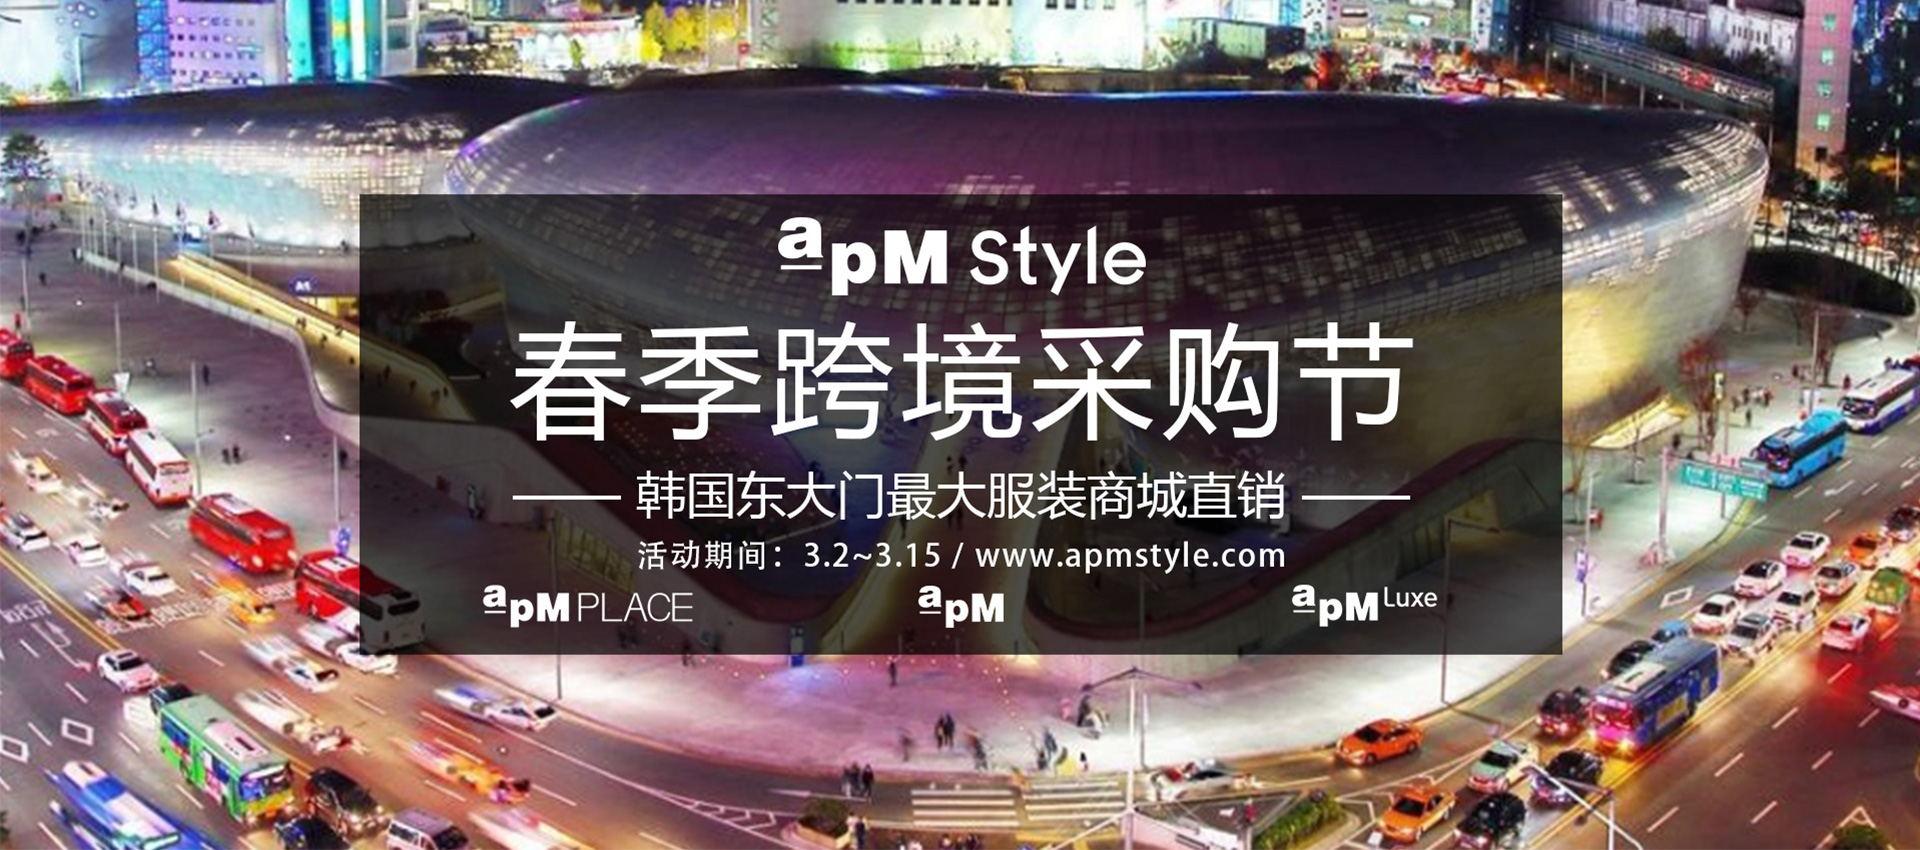 apM style 春季跨境采购节 韩国东大门服装商城直销